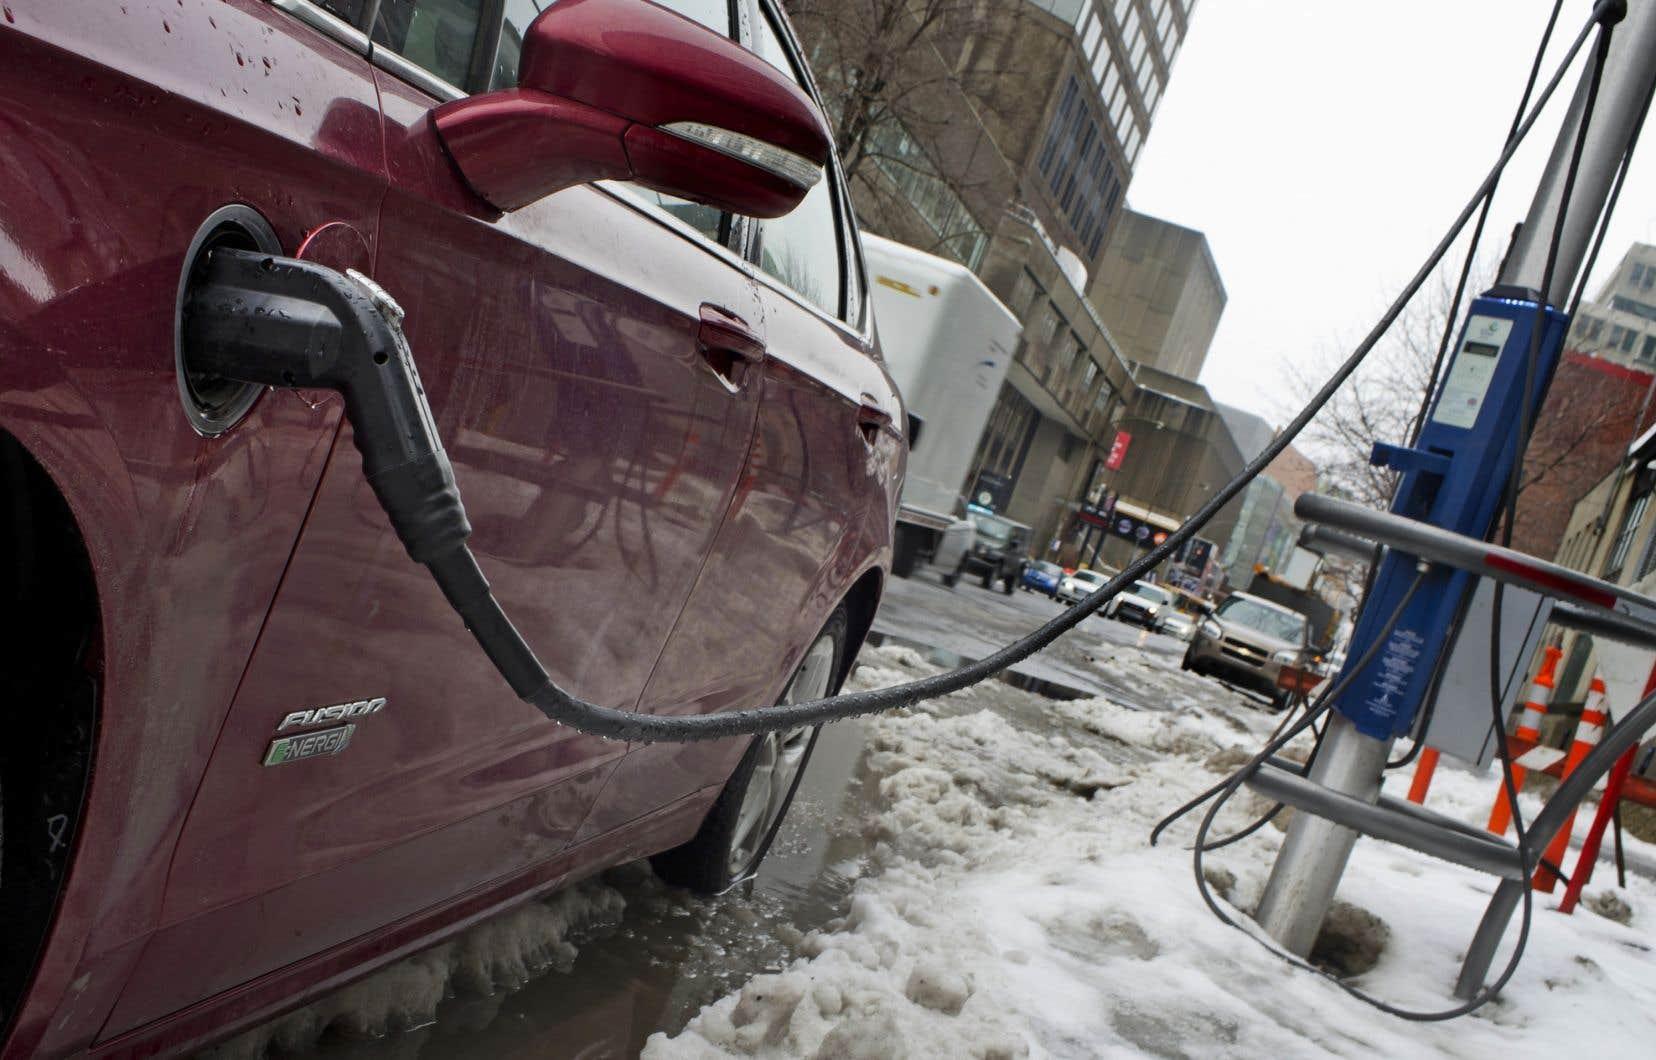 L'Ontario, le Québec et la Colombie-Britannique représentaient 97% de tous les véhicules rechargeables vendus au Canada entre 2013 et 2018.